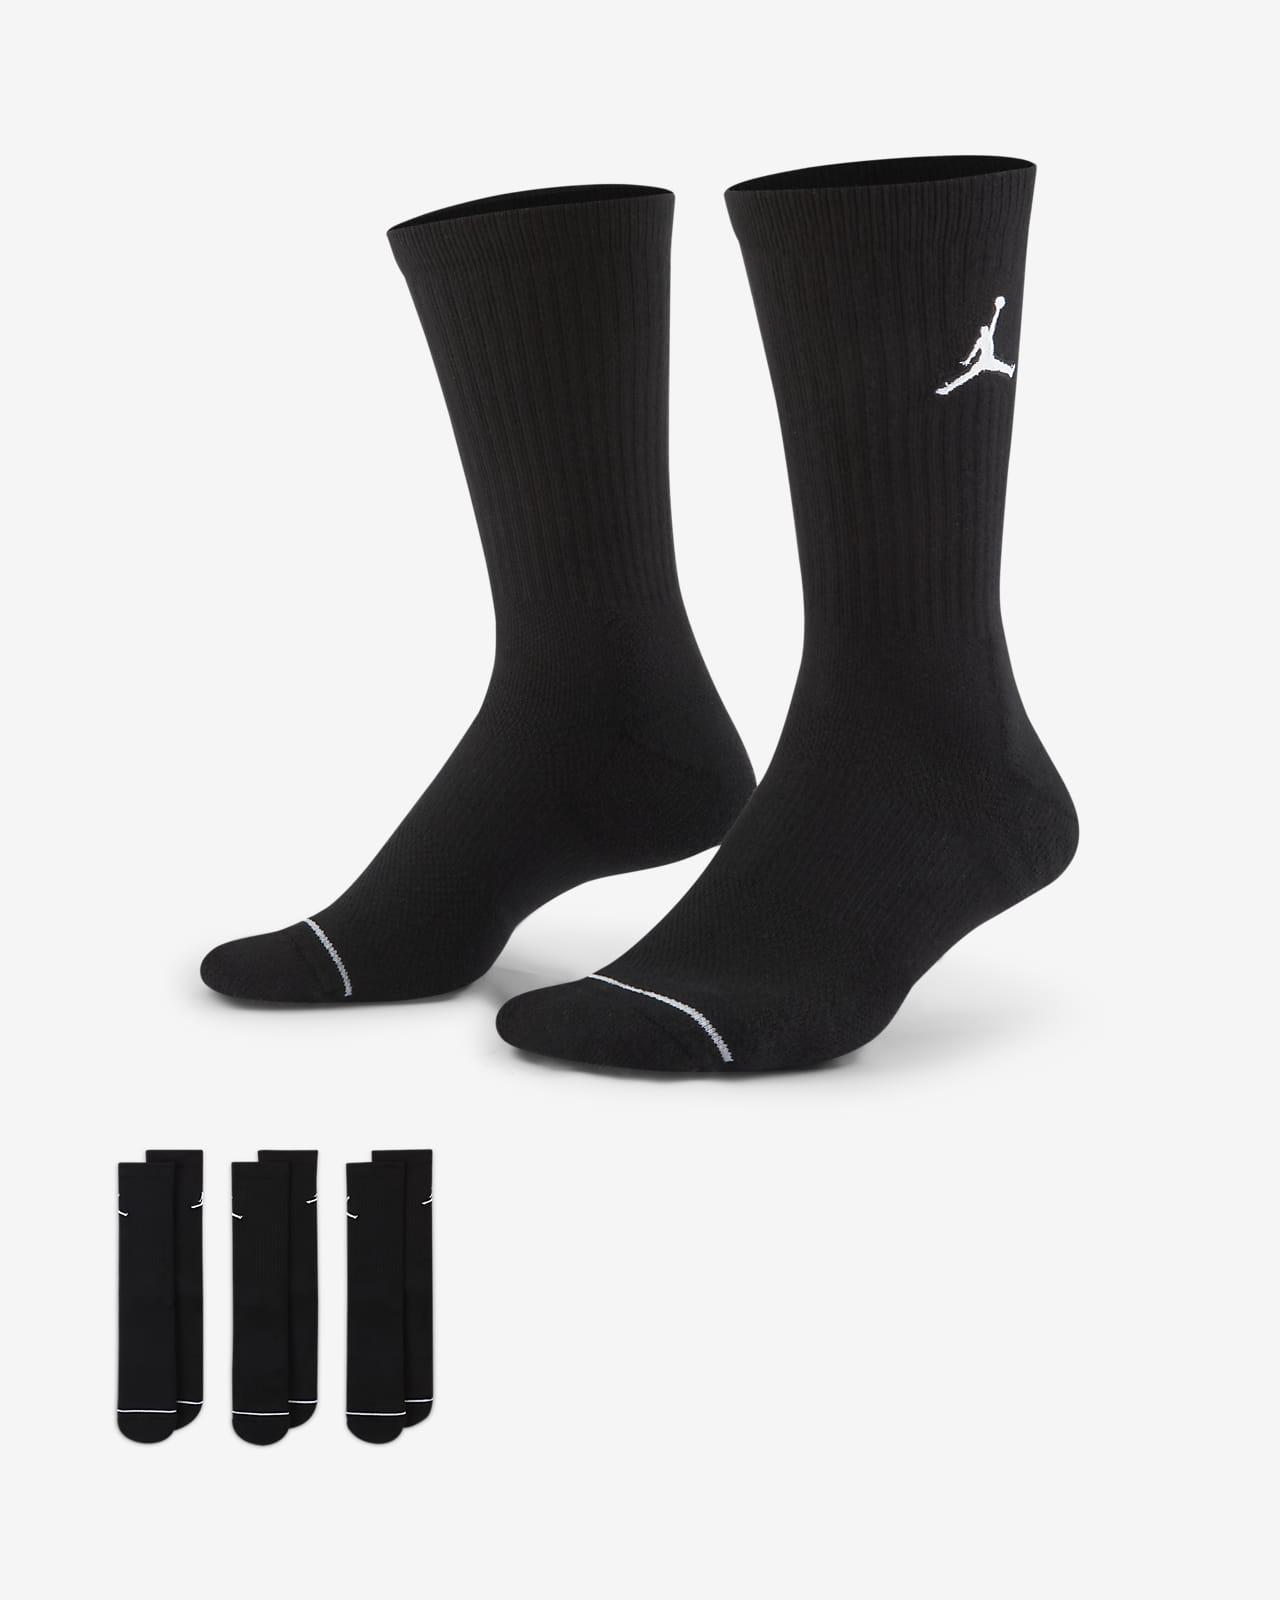 Jordan Everyday Max Unisex Calcetines largos (3 pares) - Unisex